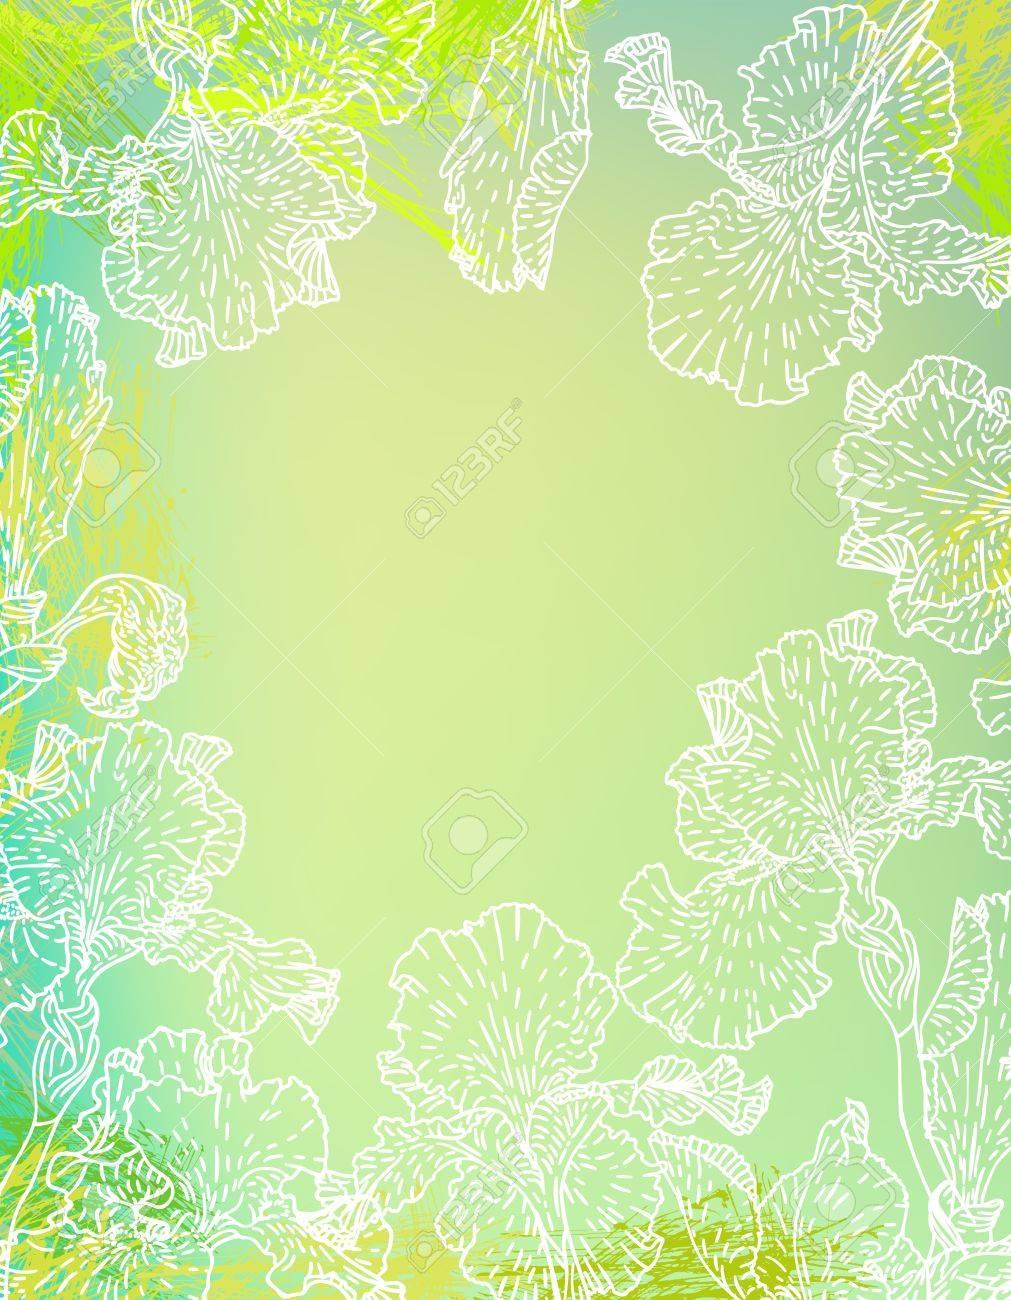 Plantilla Para La Promoción De Spa Tienda De Flores Tarjeta De Regalo Paquete De Jabón Rebajas De Primavera Cupón Diseño De La Caja Del Perfume